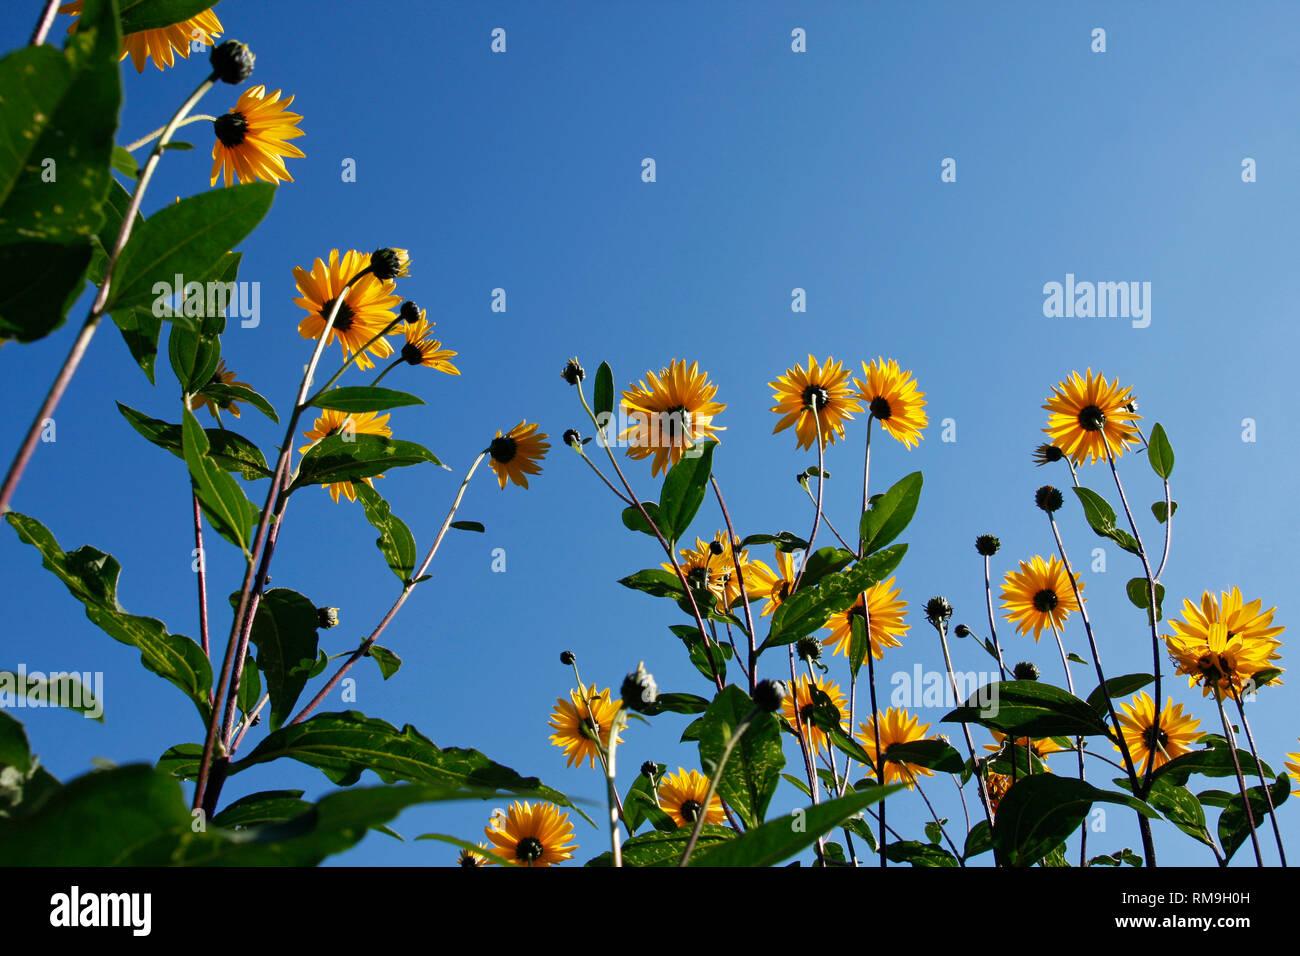 b23f9dc74a68b Große gelbe Sonnenhut aus einem niedrigen Winkel vor einem strahlend blauen  Himmel